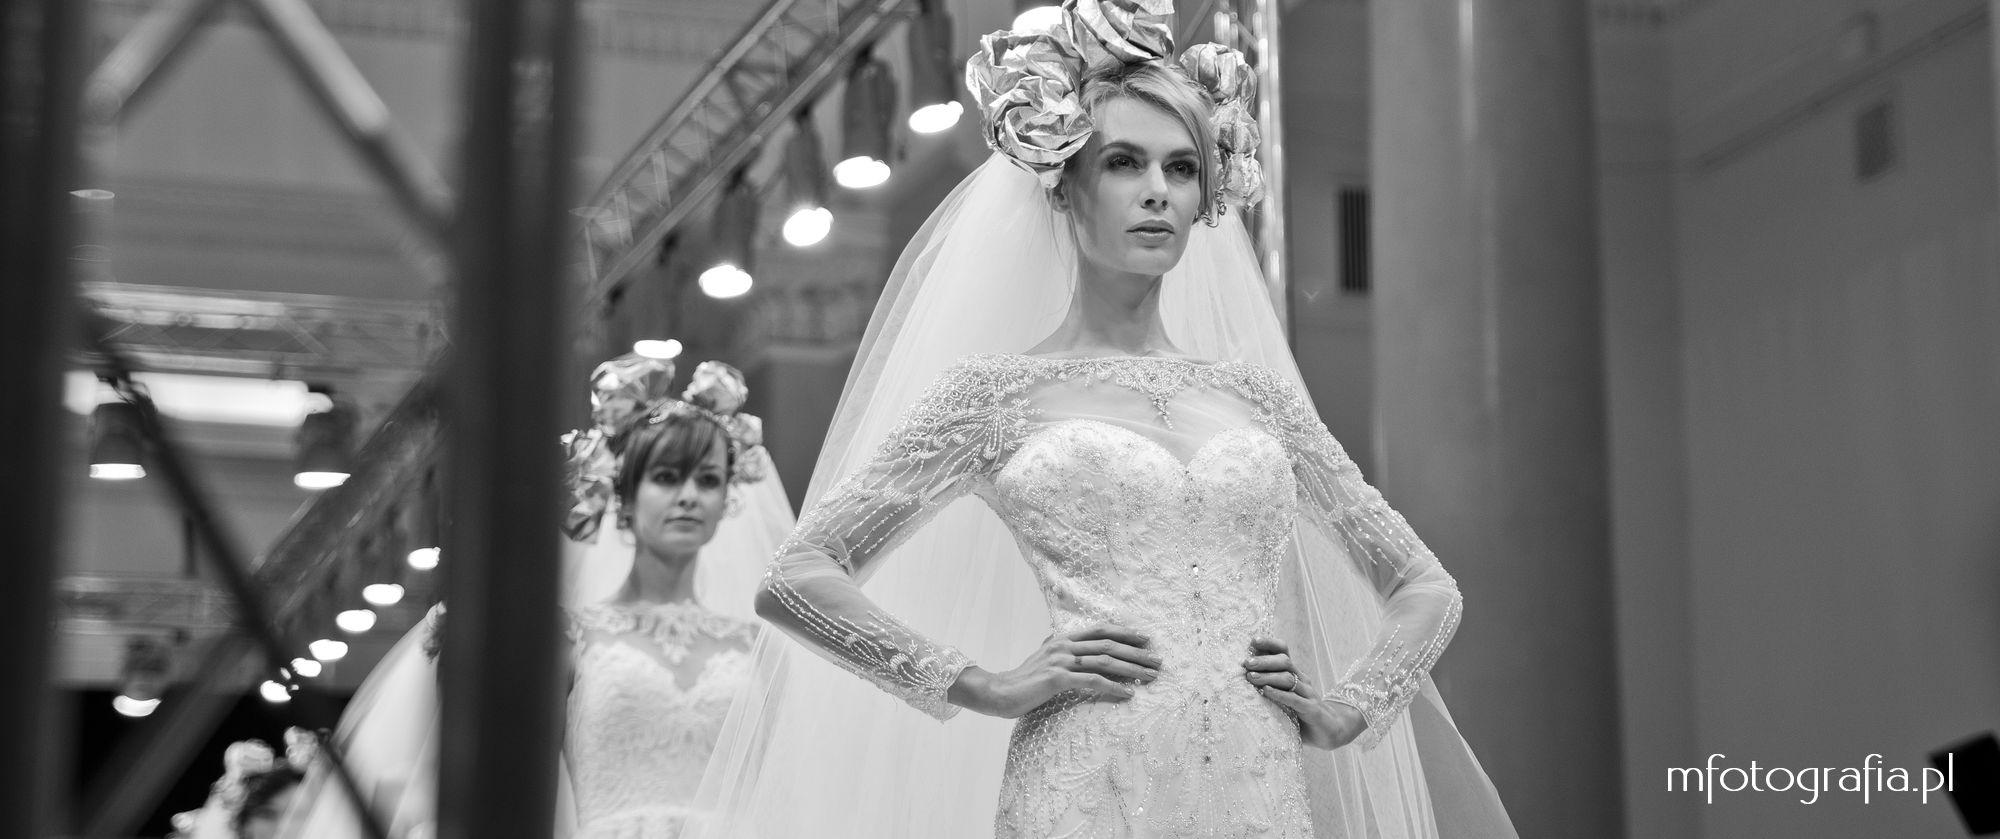 fotografia ślubnej sukni